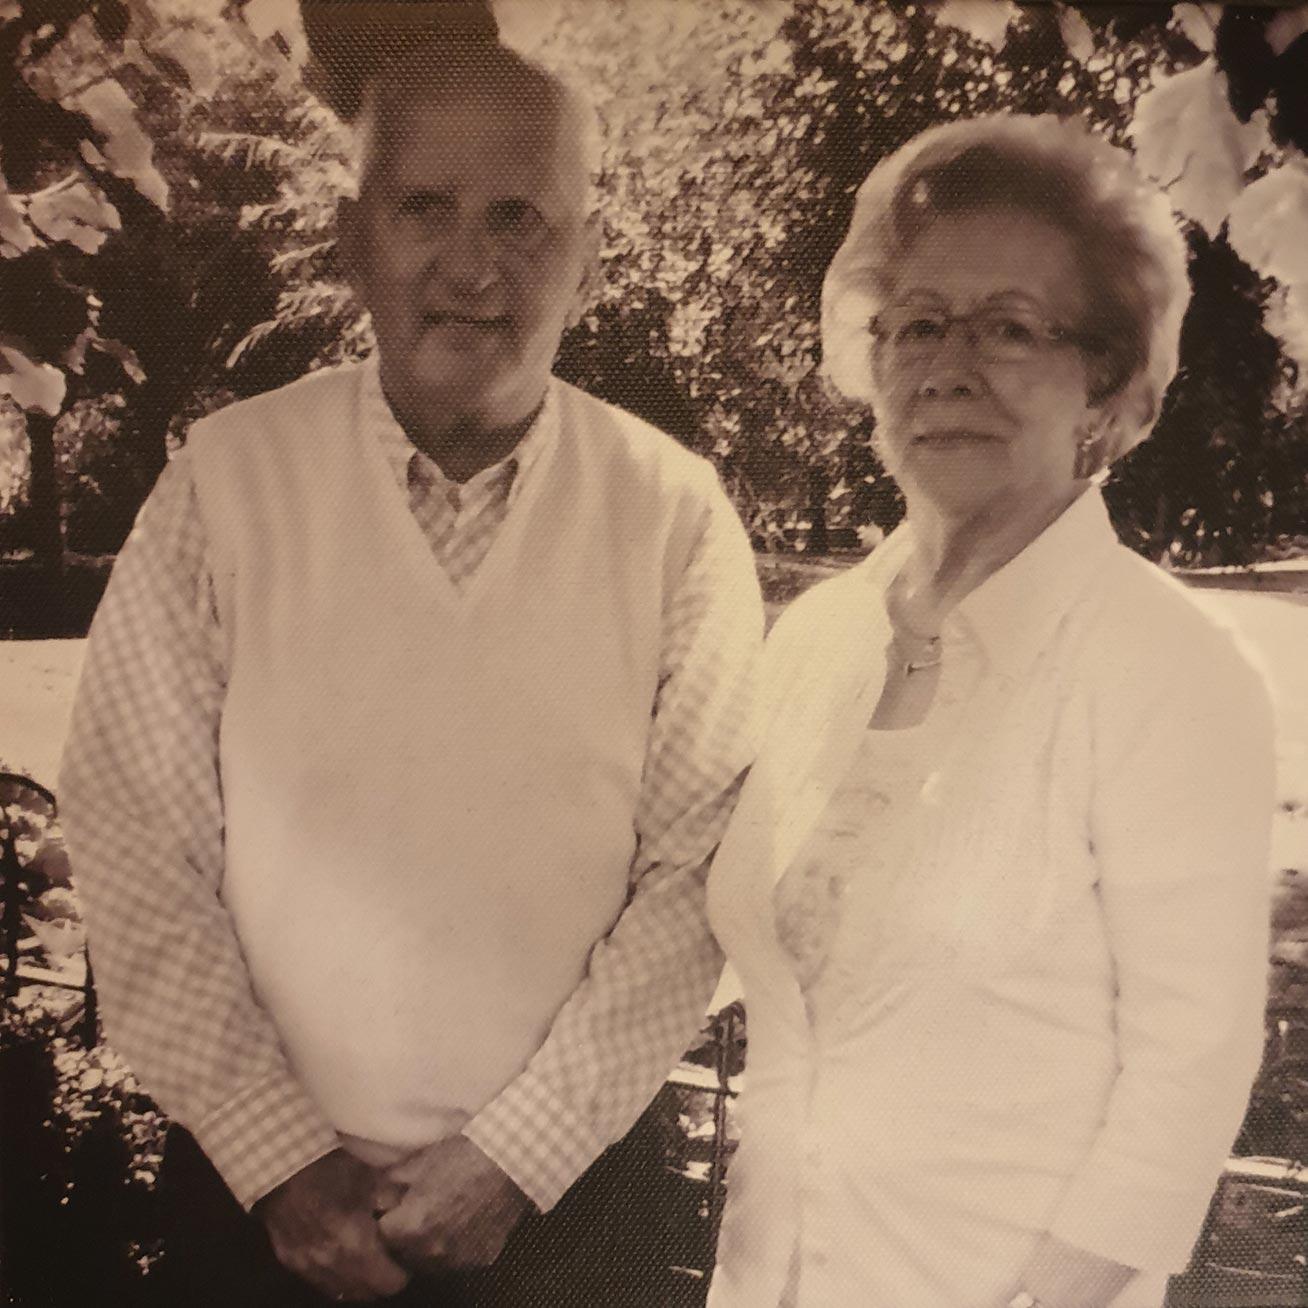 Dhr. J.J. Verschoor, grondlegger van het bedrijf. Samen met zijn vrouw Jeanne heeft hij lief en leed in de zaak gestopt om deze tot een succes te maken.